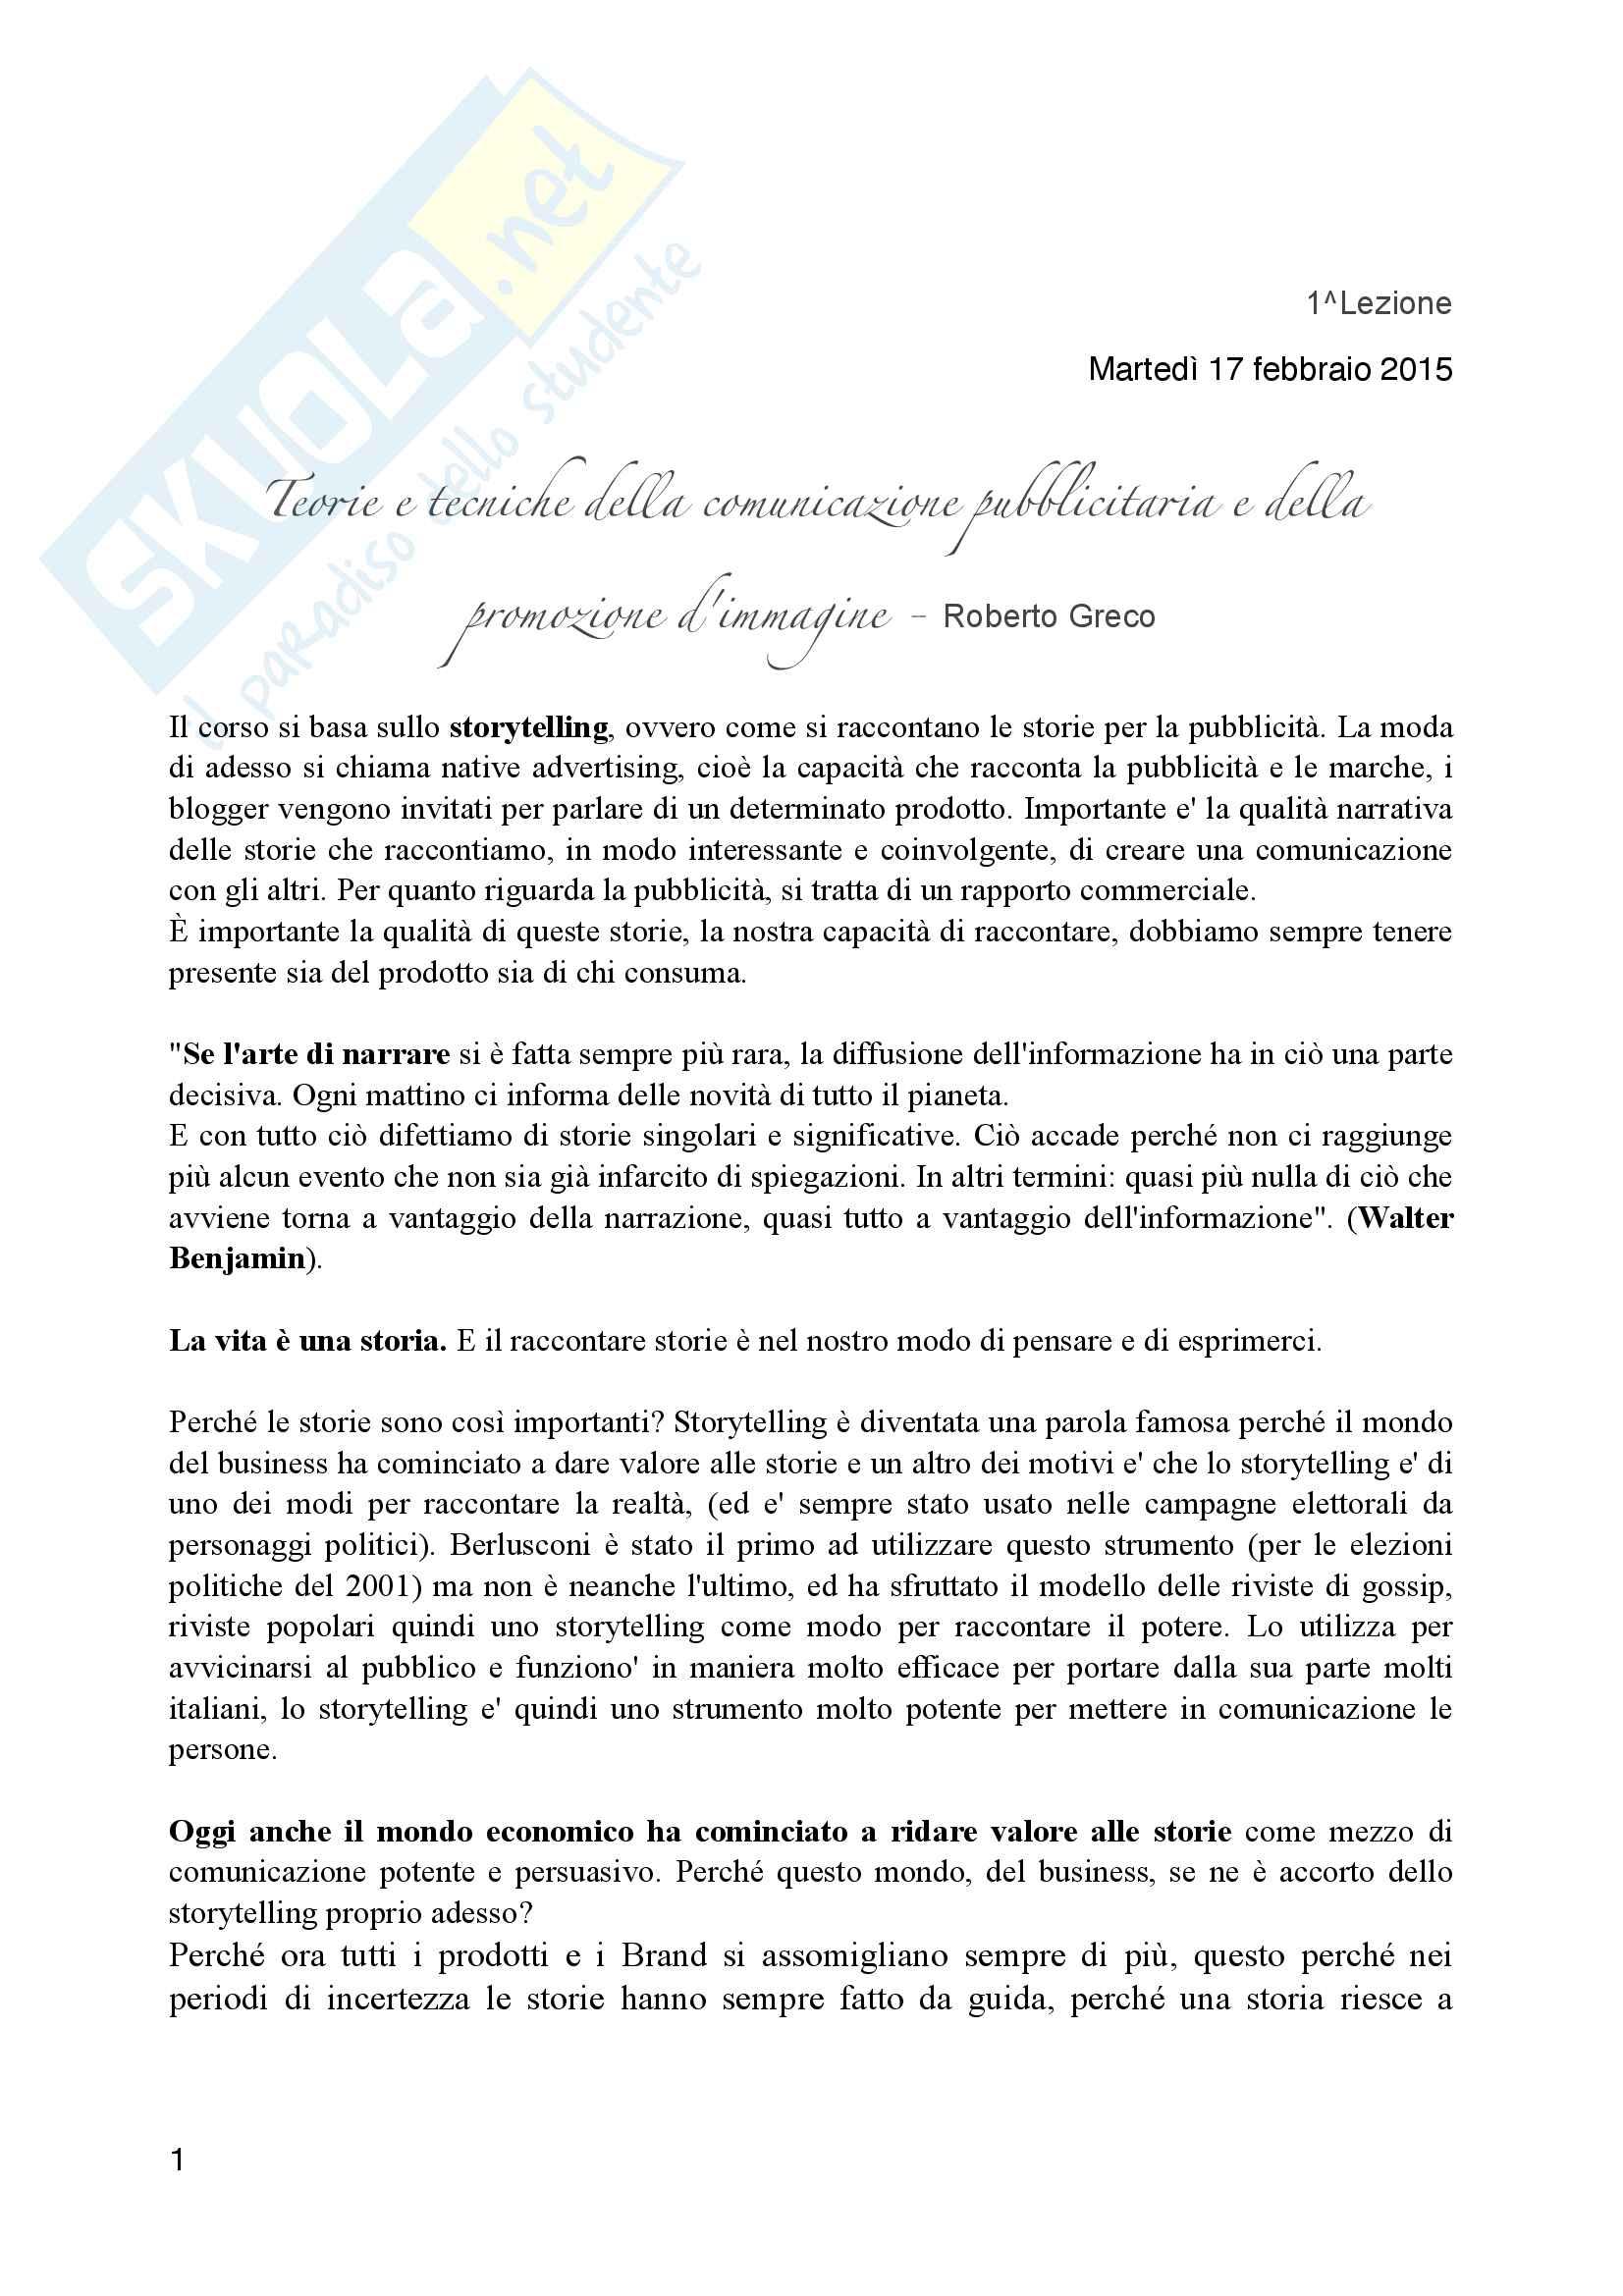 Appunti esame teorie e tecniche della comunicazione pubblicitaria e della promozione d'immagine prof. Greco